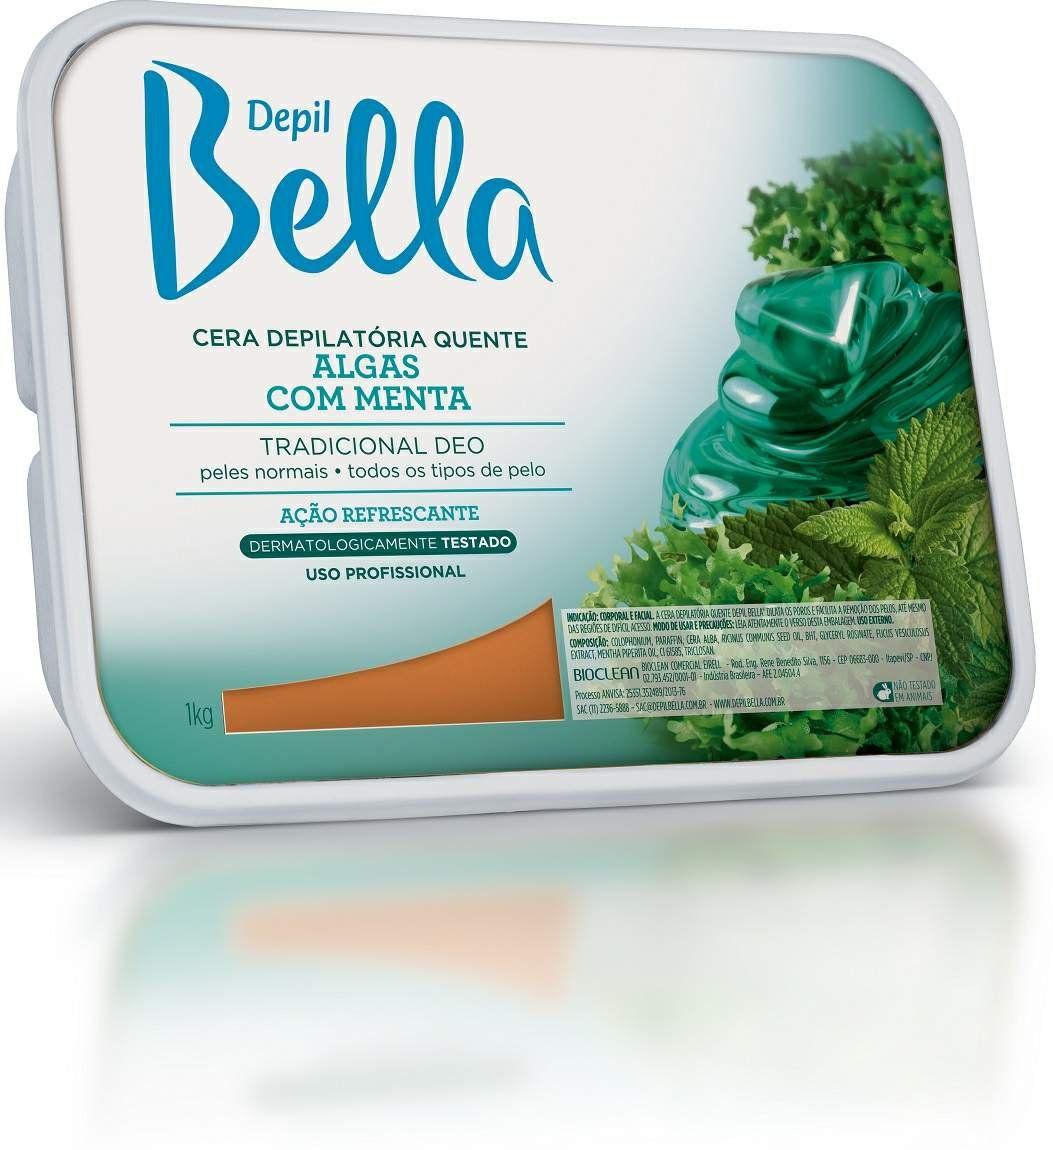 Cera Depilatória Quente em Barra de Algas e Menta - Depil Bella